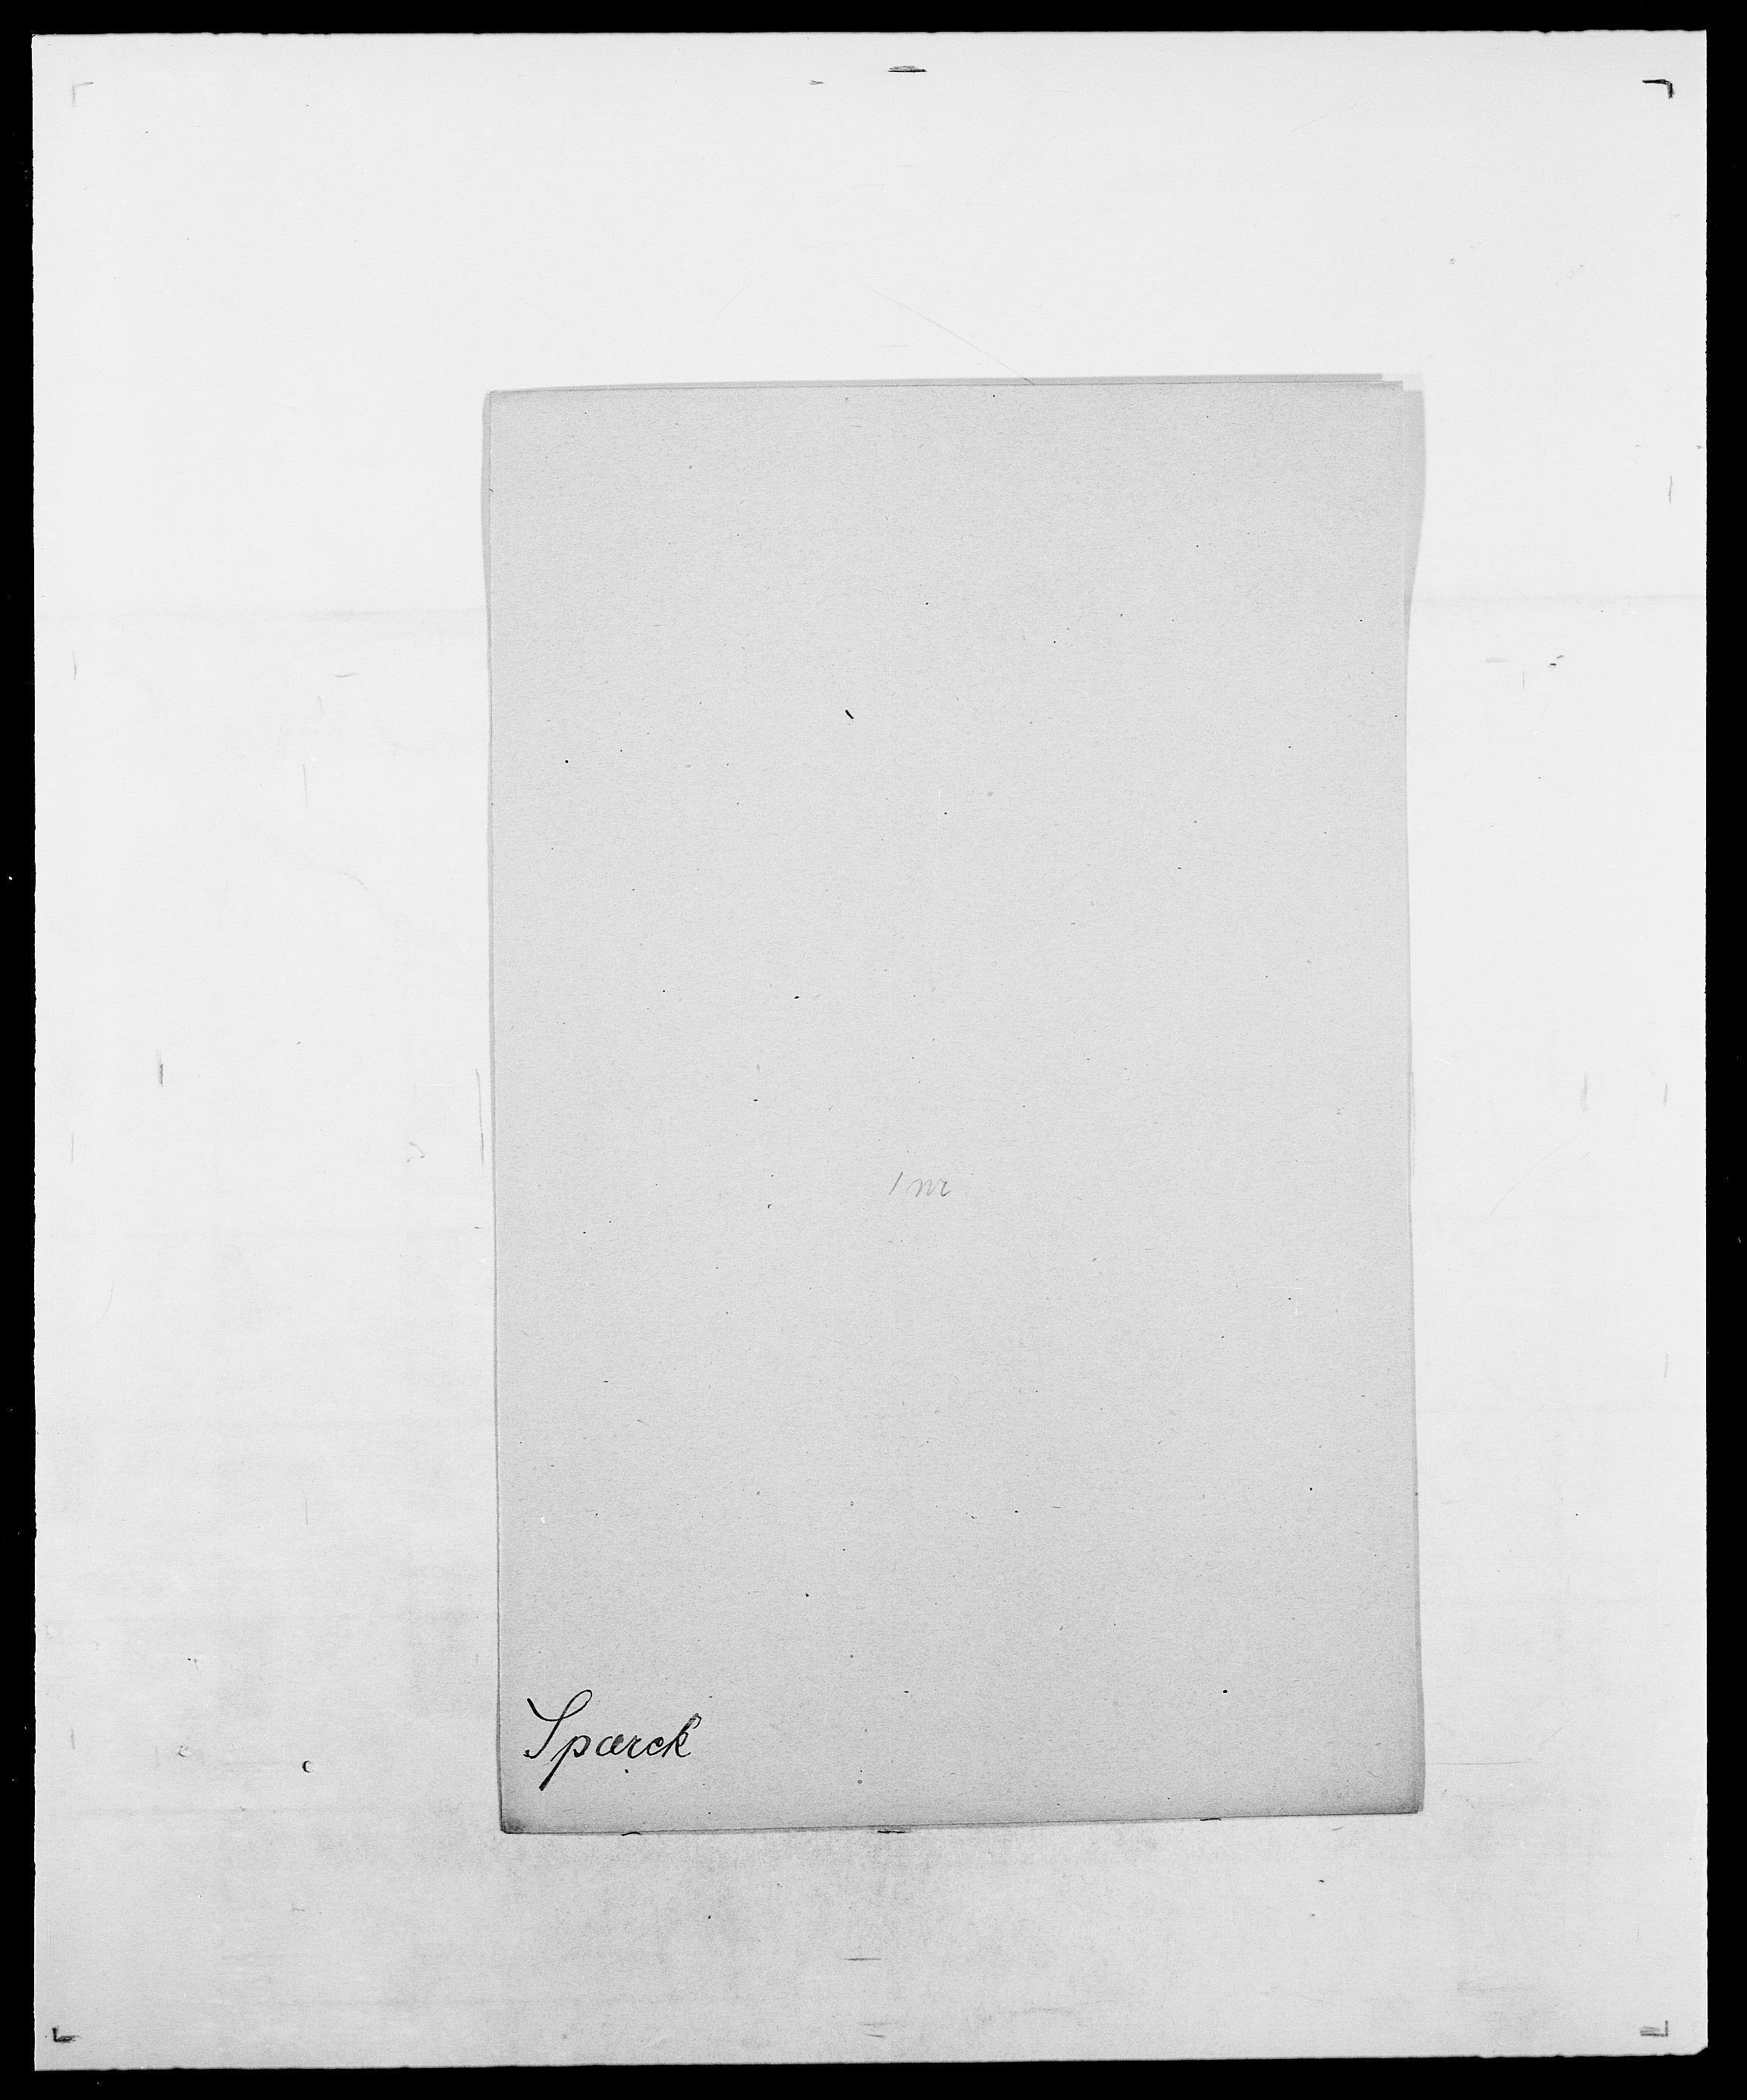 SAO, Delgobe, Charles Antoine - samling, D/Da/L0036: Skaanør - Staverskov, s. 593